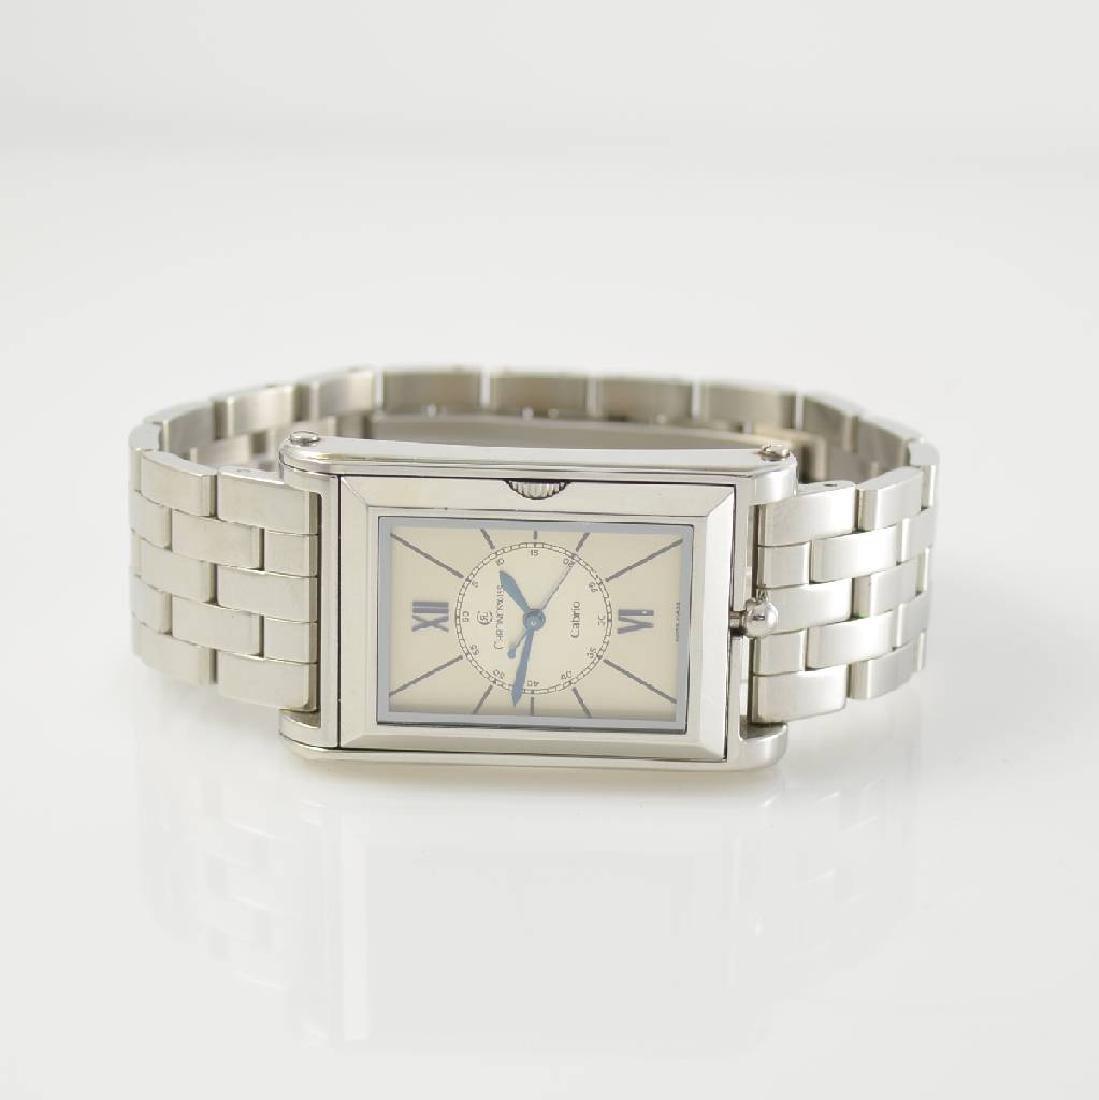 CHRONOSWISS gents wristwatch model Cabrio